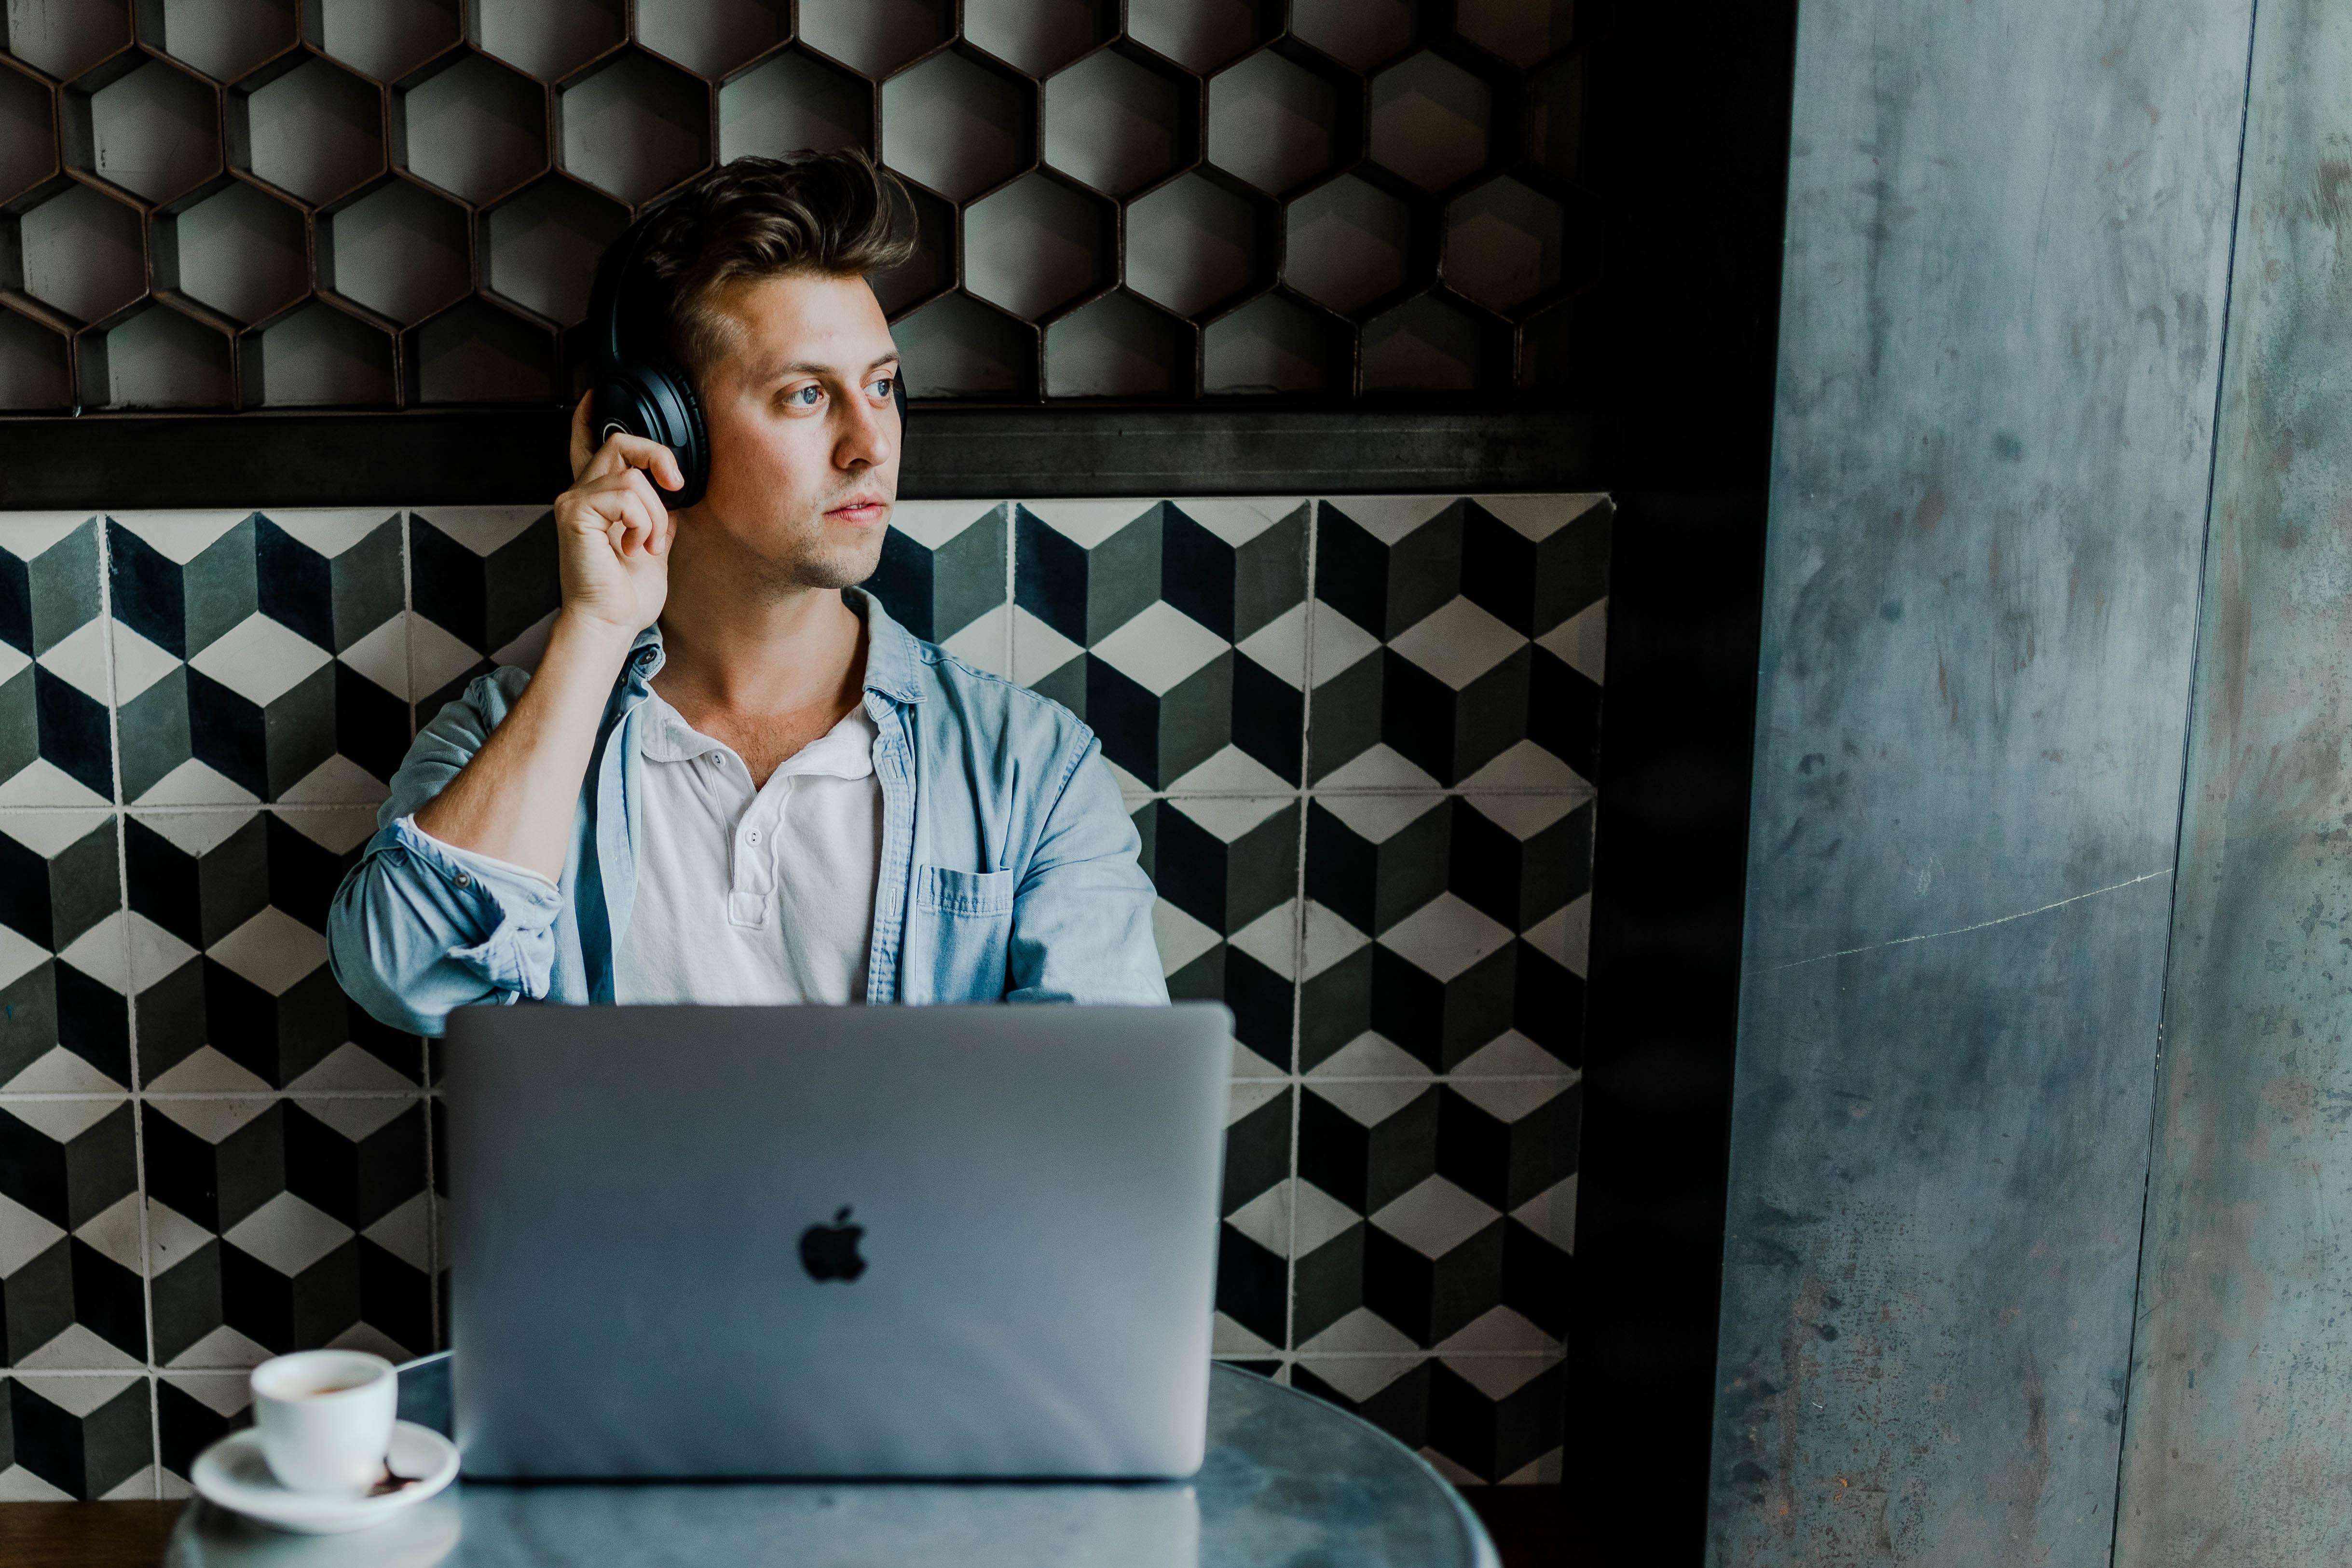 Keeping Engagement in Remote Meetings